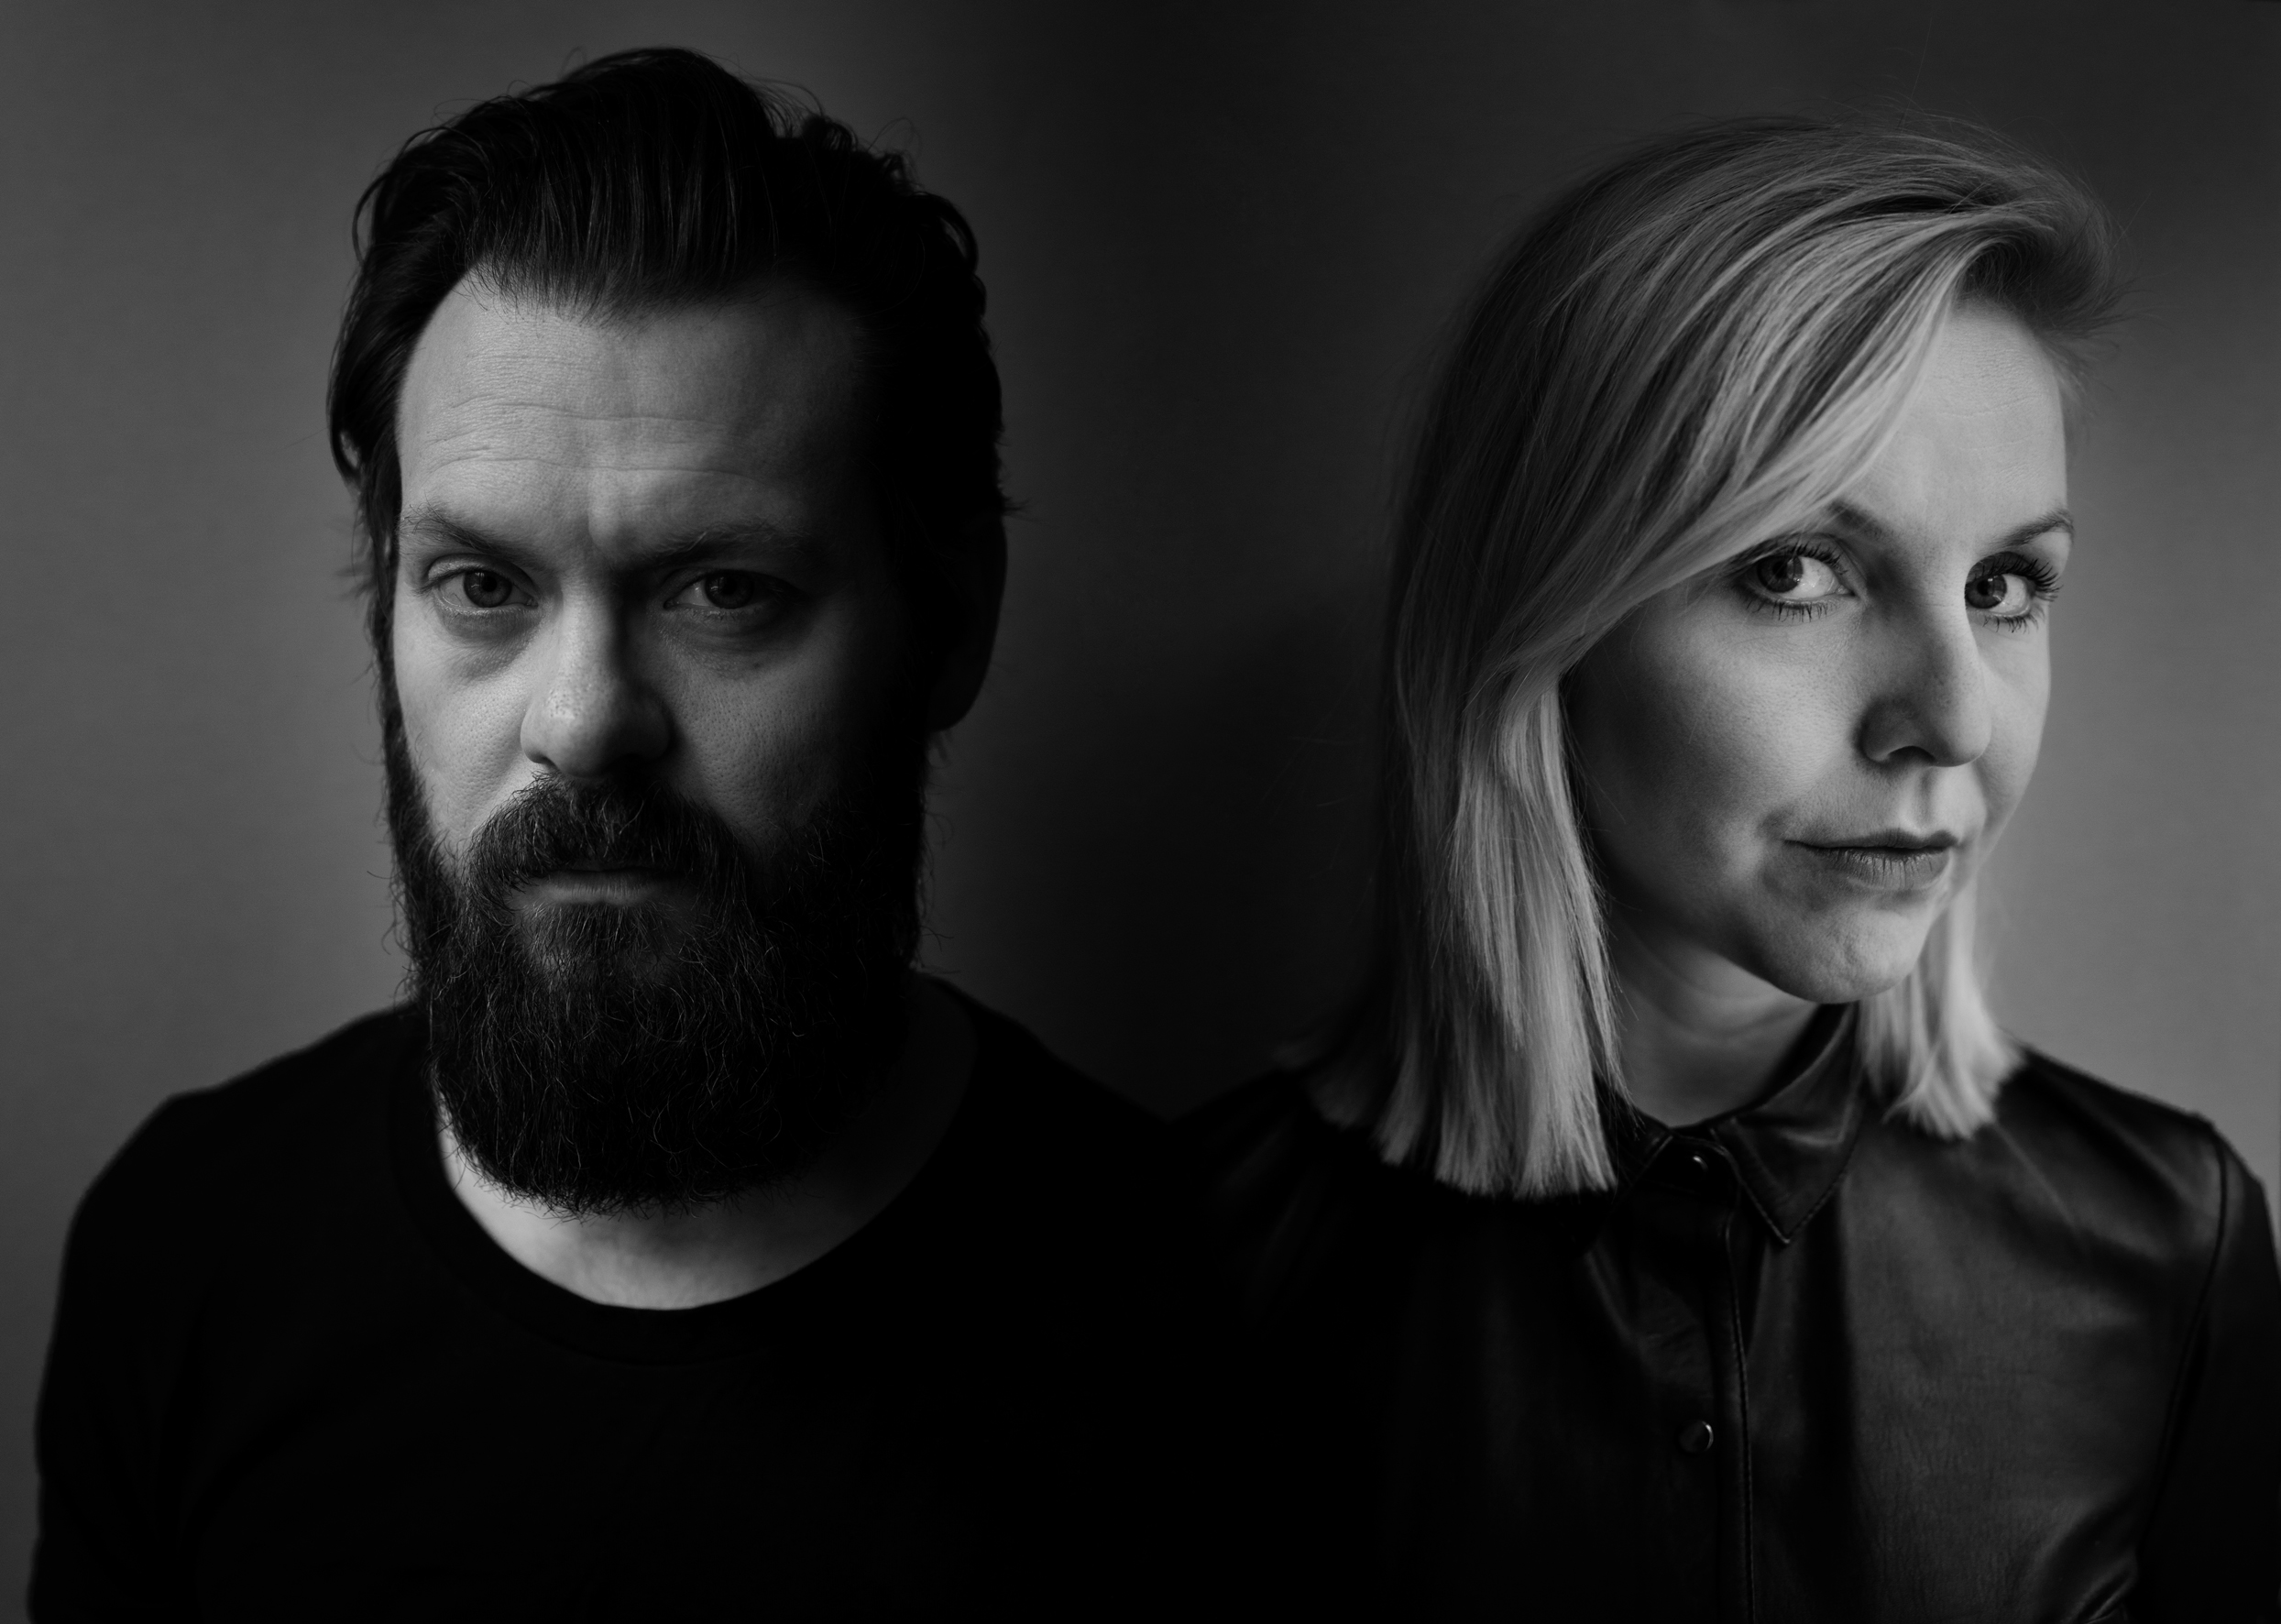 Fotoboksfeedback med Klara Källström & Thobias Fäldt